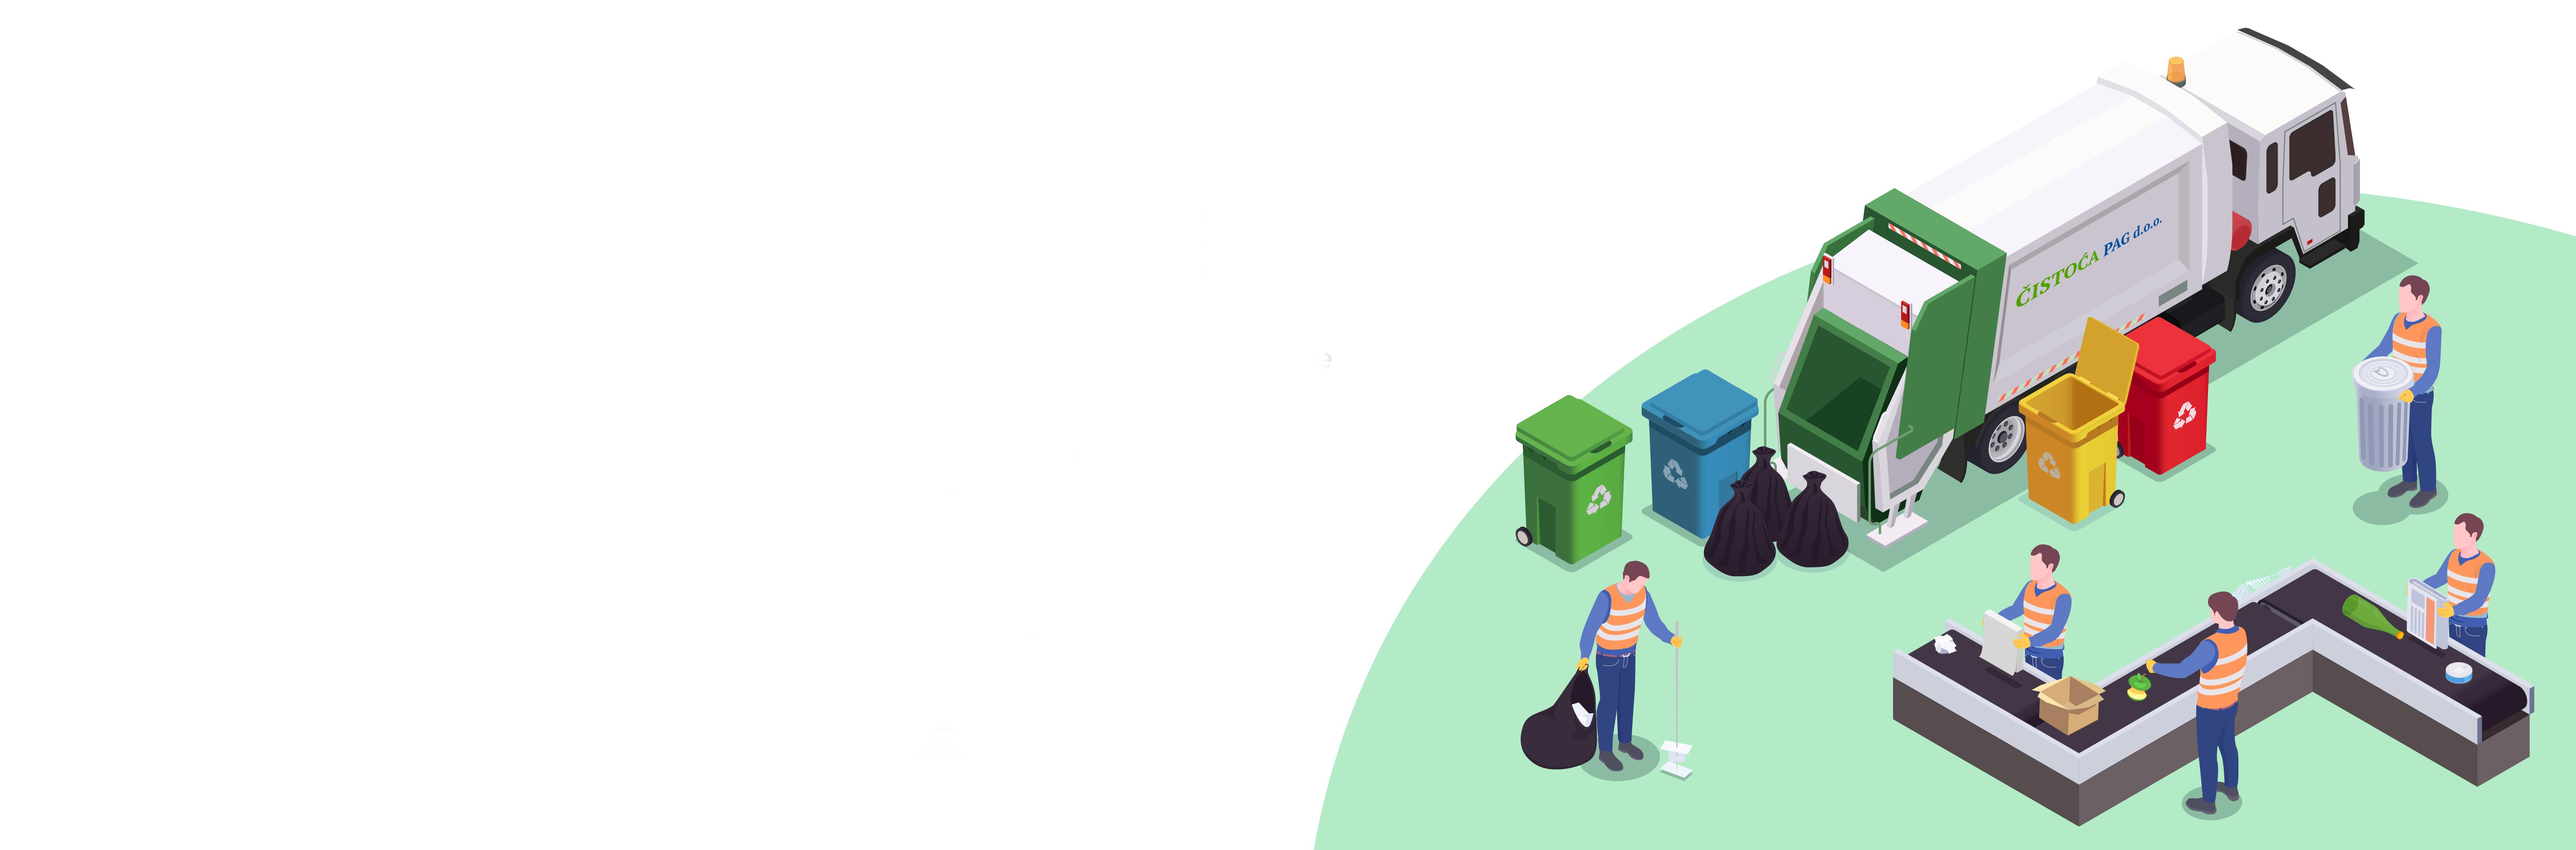 sakupljanje-otpada-pag